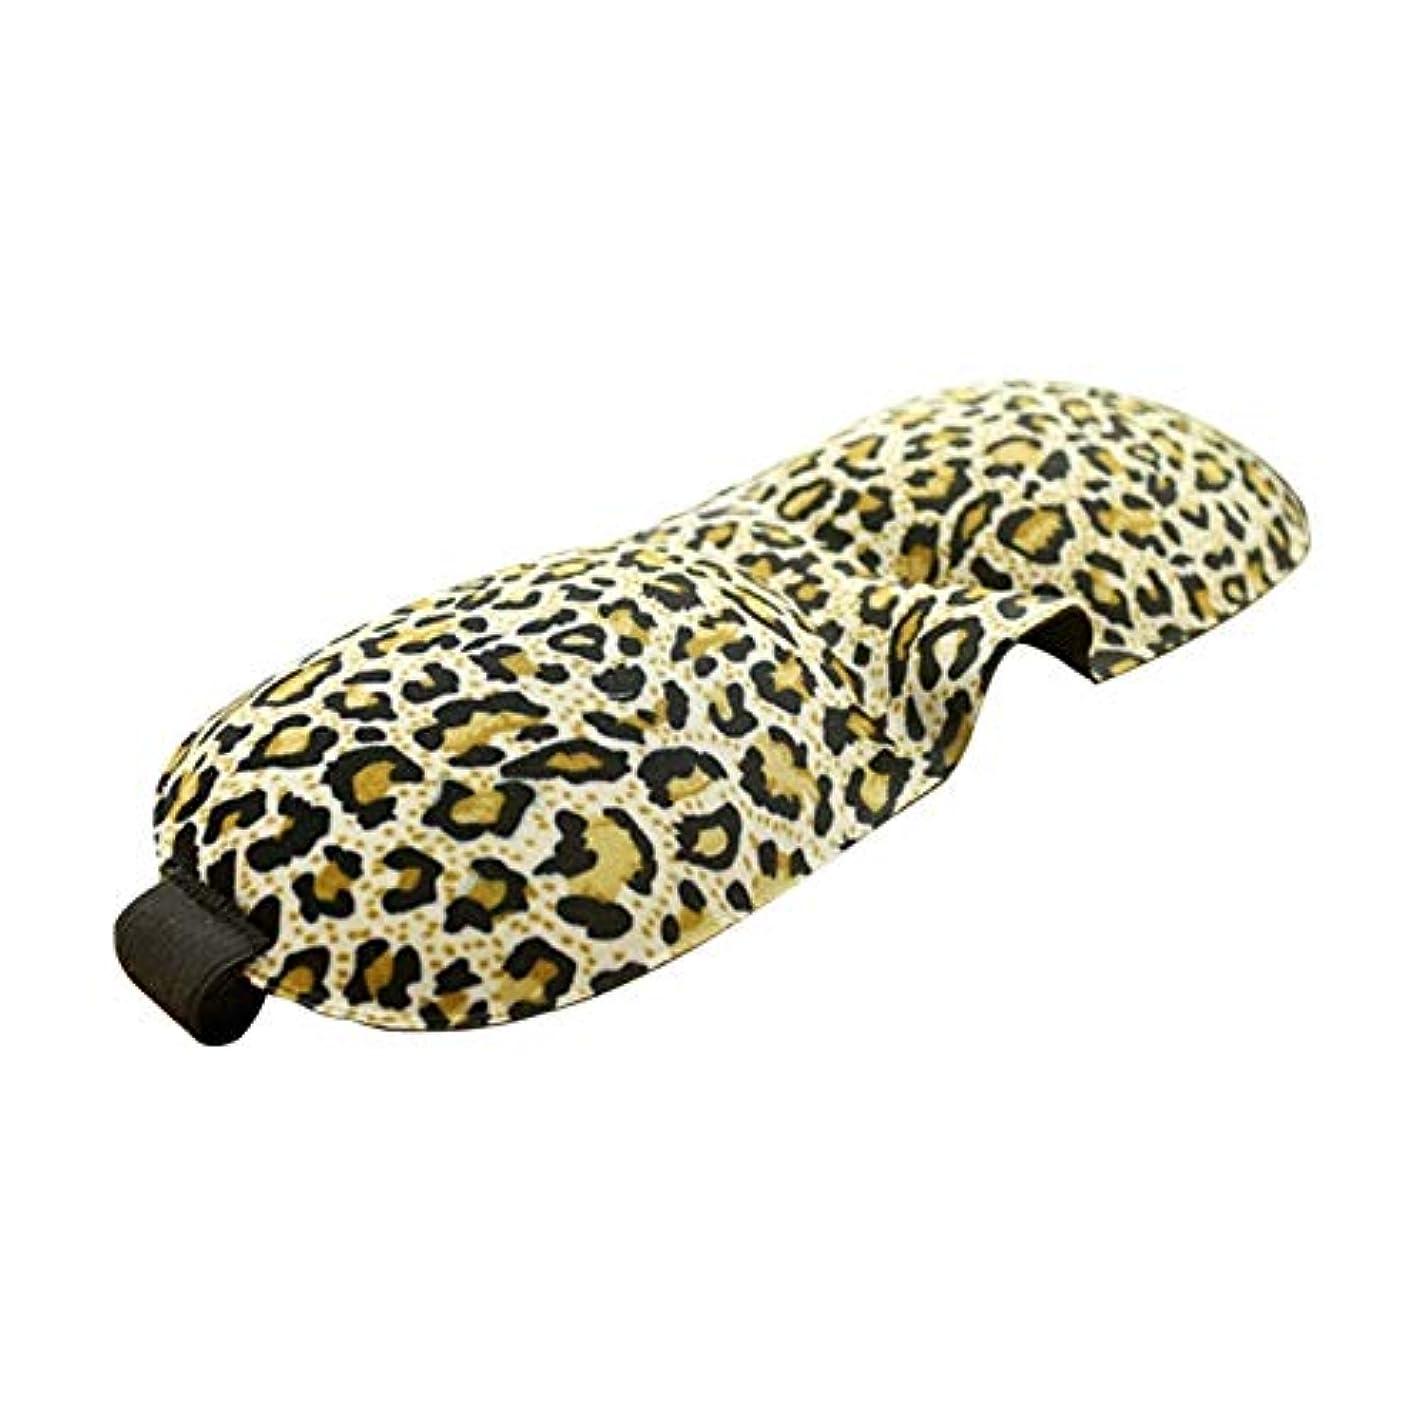 交通パリティうつNOTE ポータブル3dスリーピングアイマスク睡眠休息補助ソフトトラベルアイシェードカバーアイパッチ最高のアイケアツール夏用